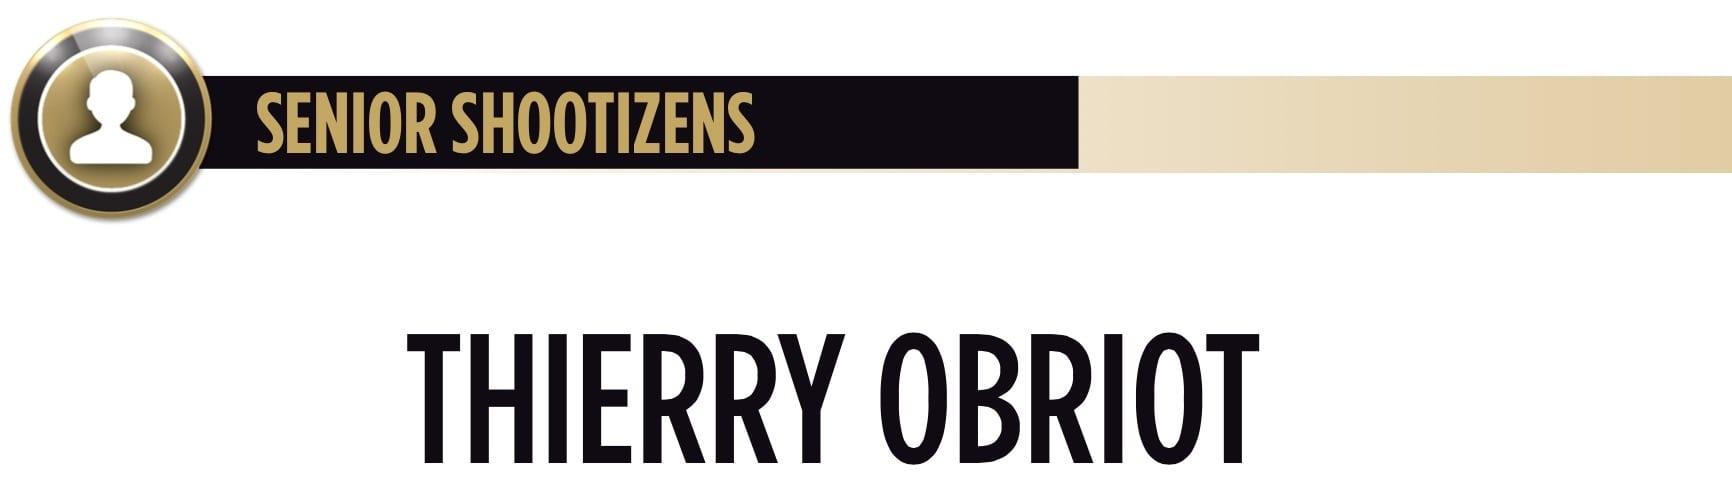 thierry obriot